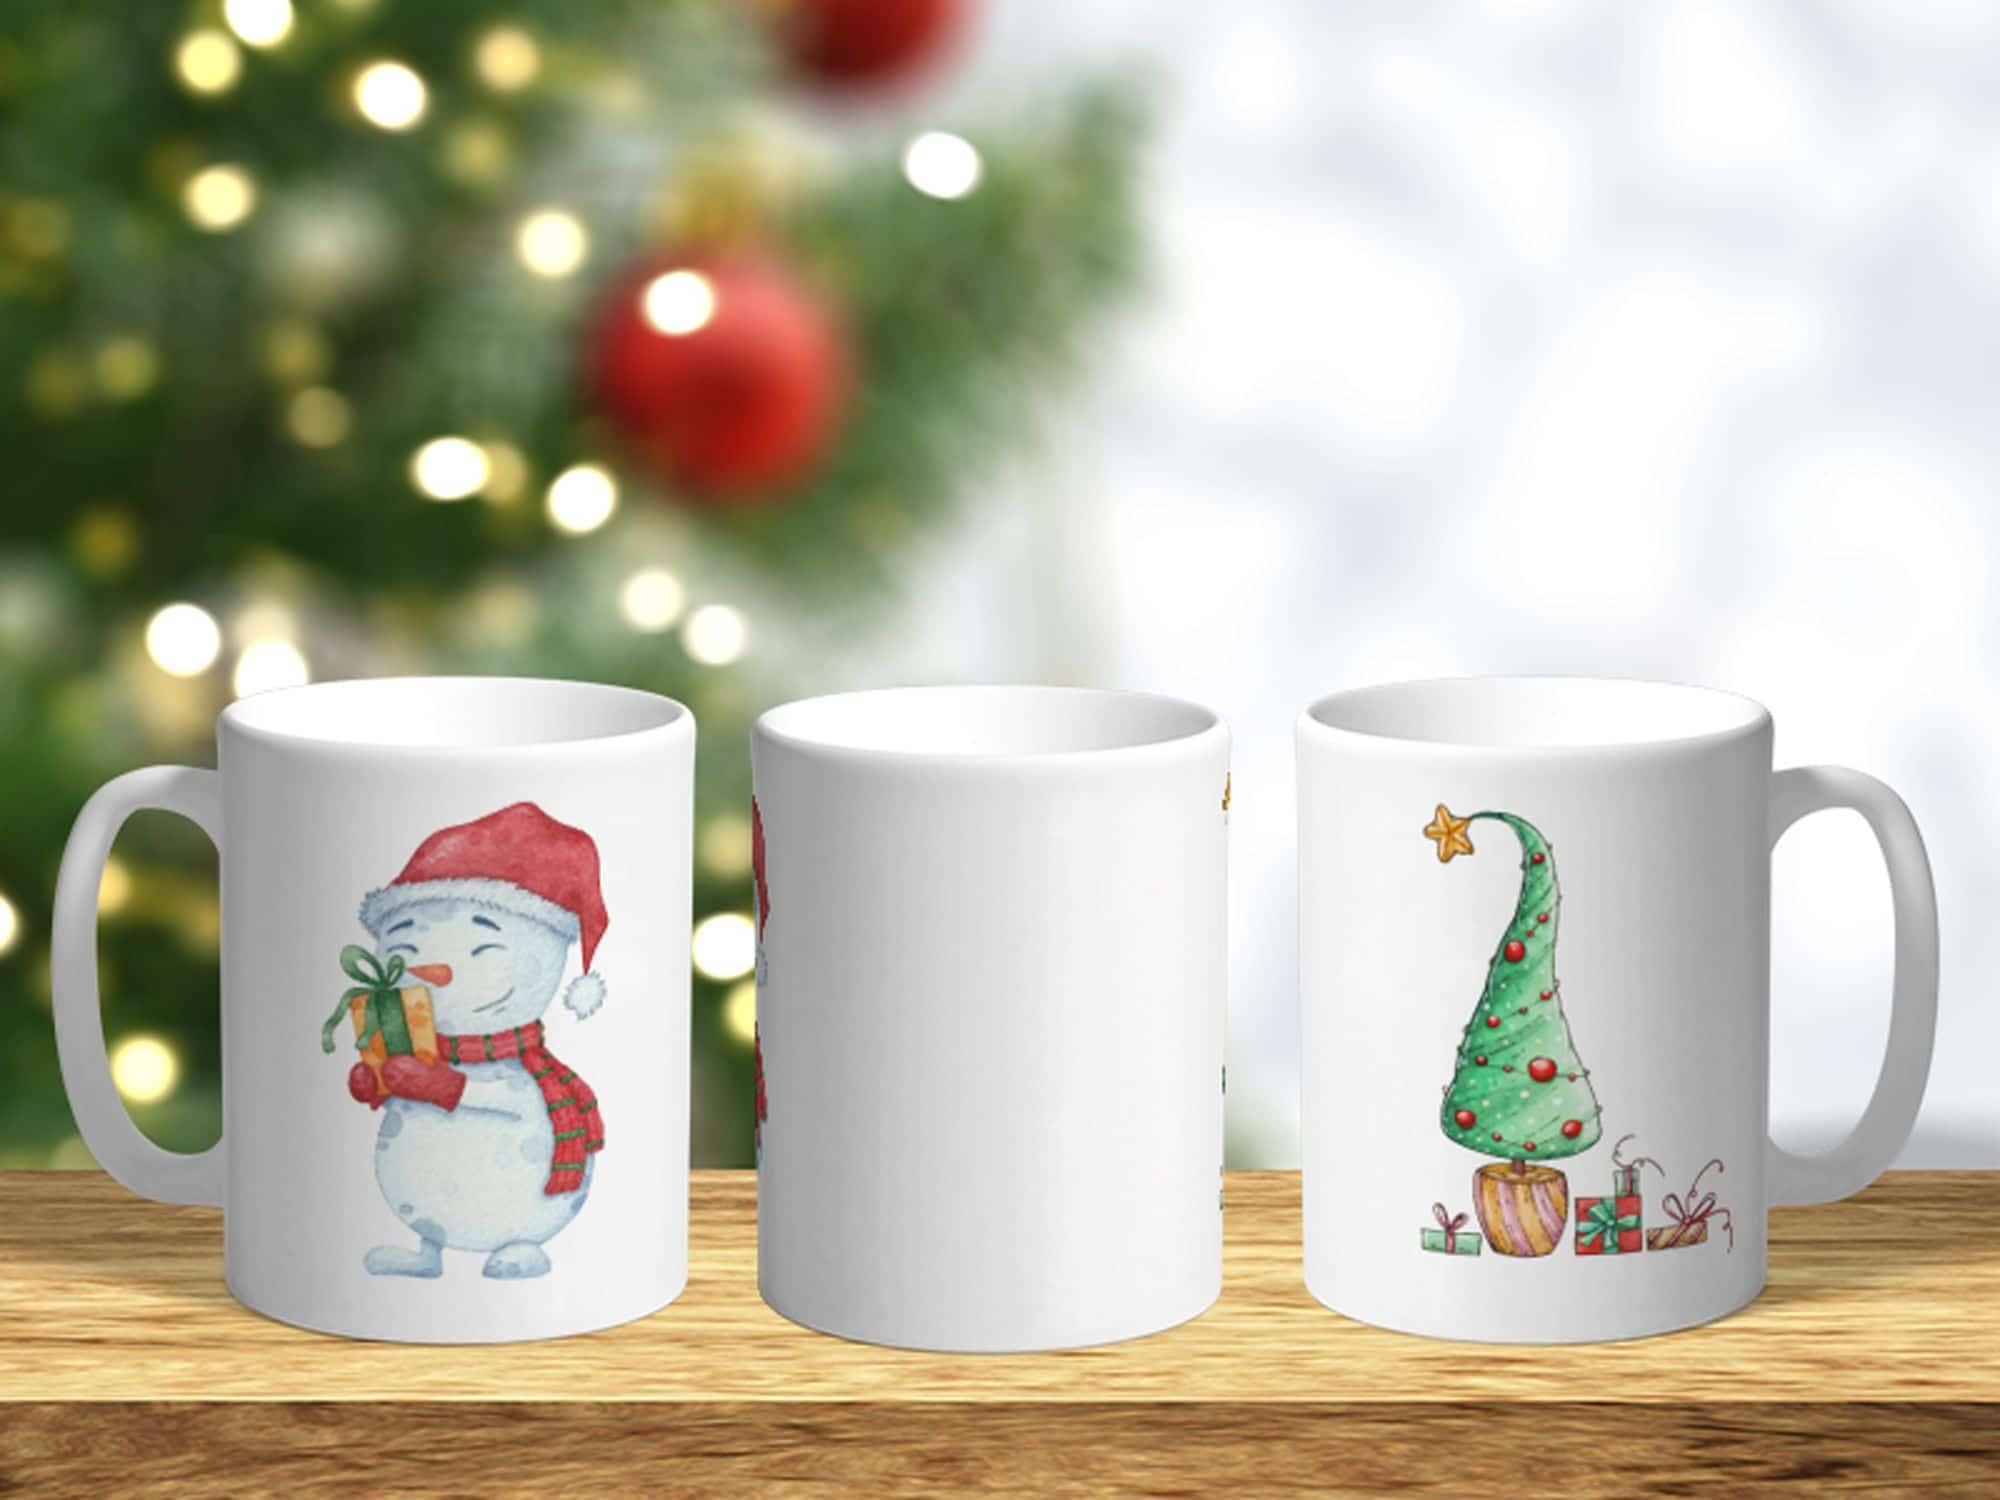 Bílý keramický vánoční hrnek Sněhulák a vánoční stromeček